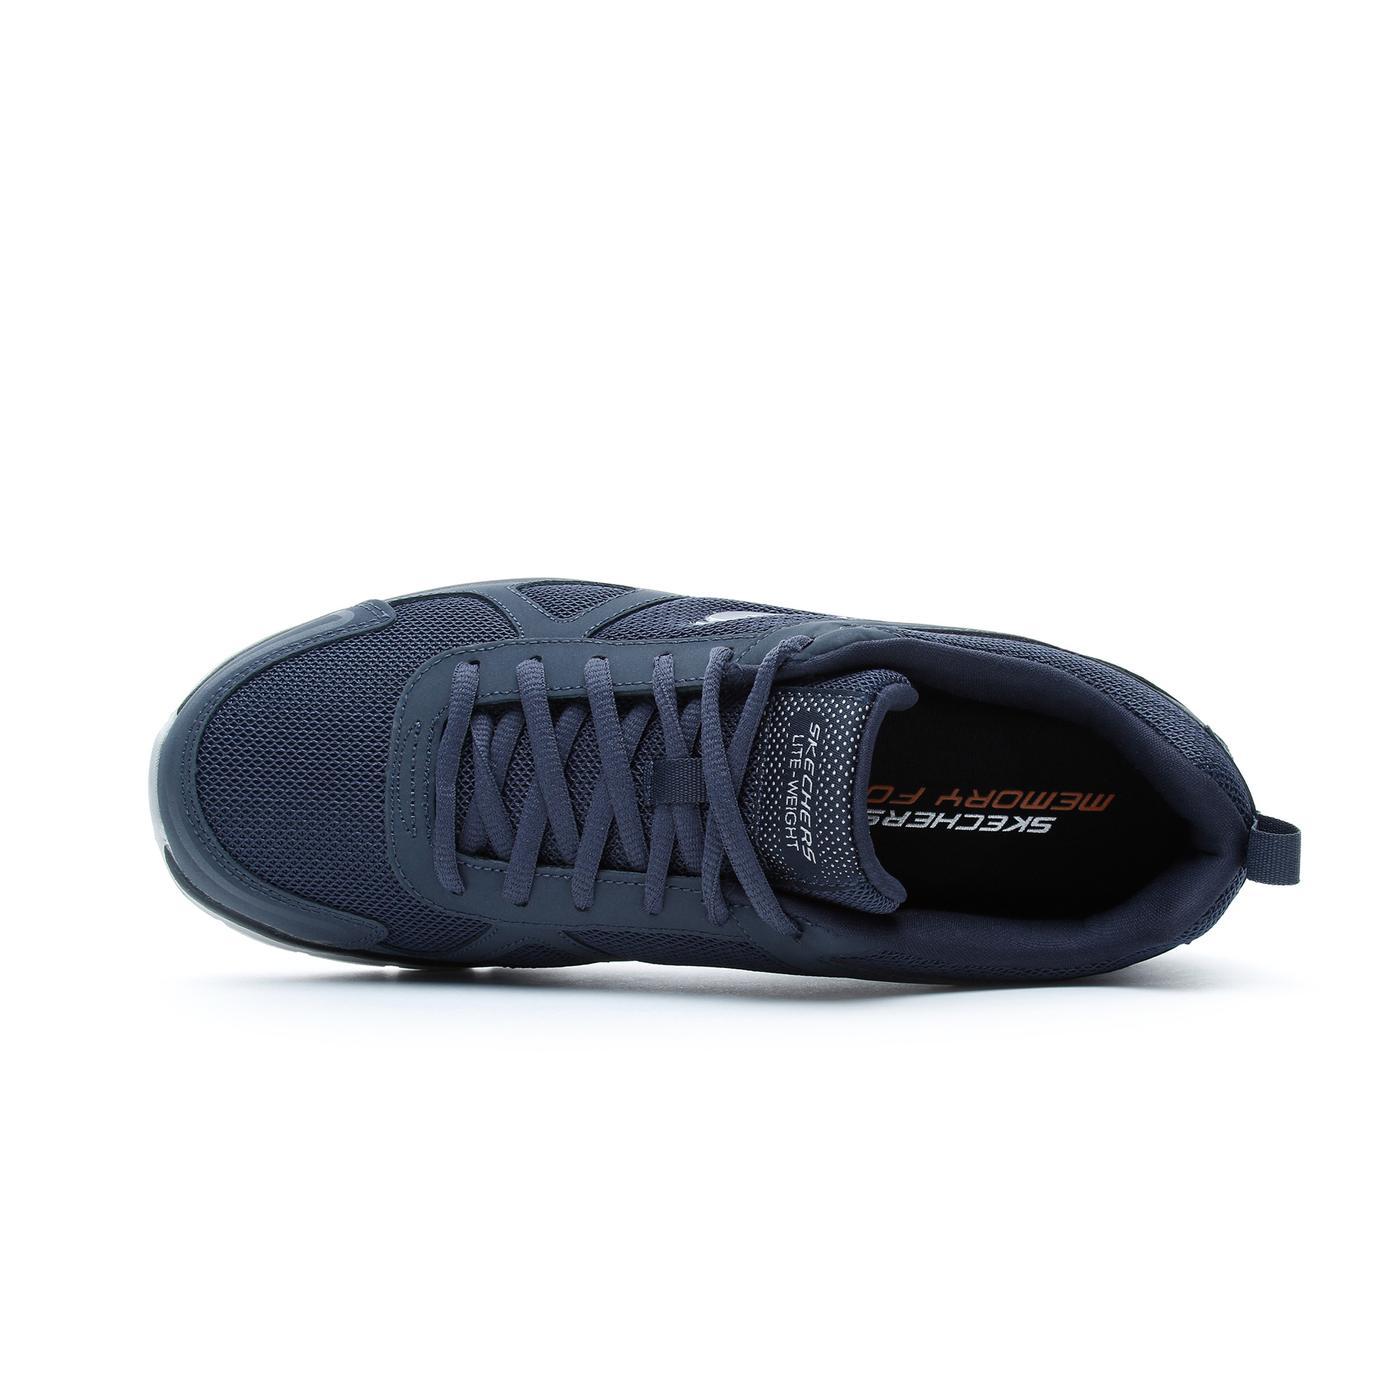 Skechers Track - Scloric Erkek Lacivert Spor Ayakkabı